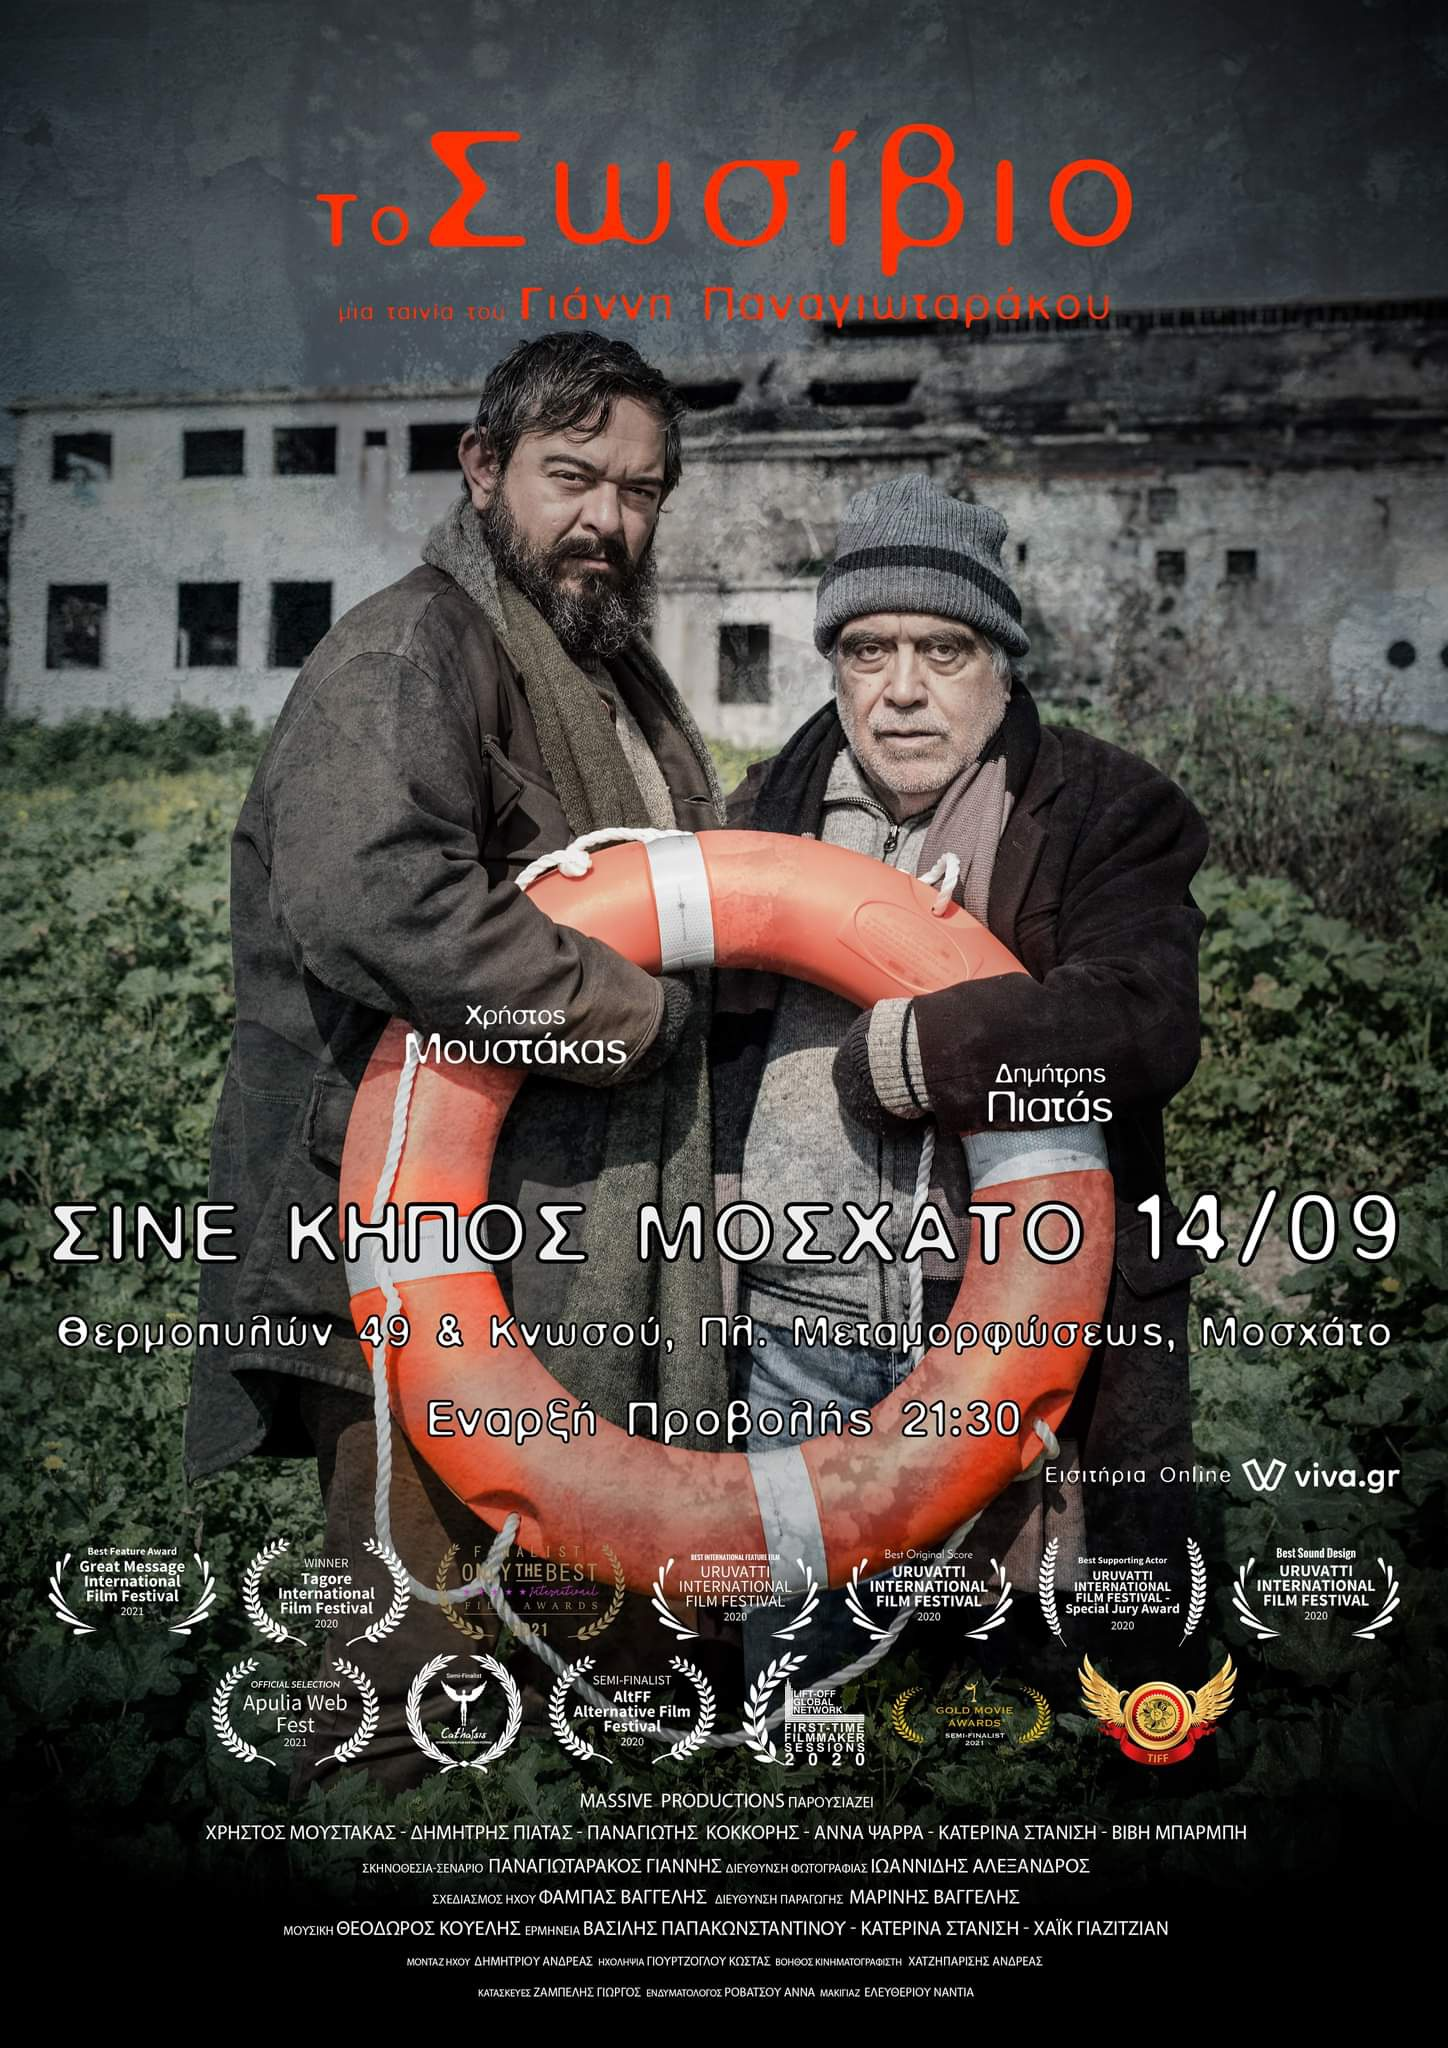 Η πολυβραβευμένη ταινία ΤΟ ΣΩΣΙΒΙΟ, πάει Μοσχάτο!